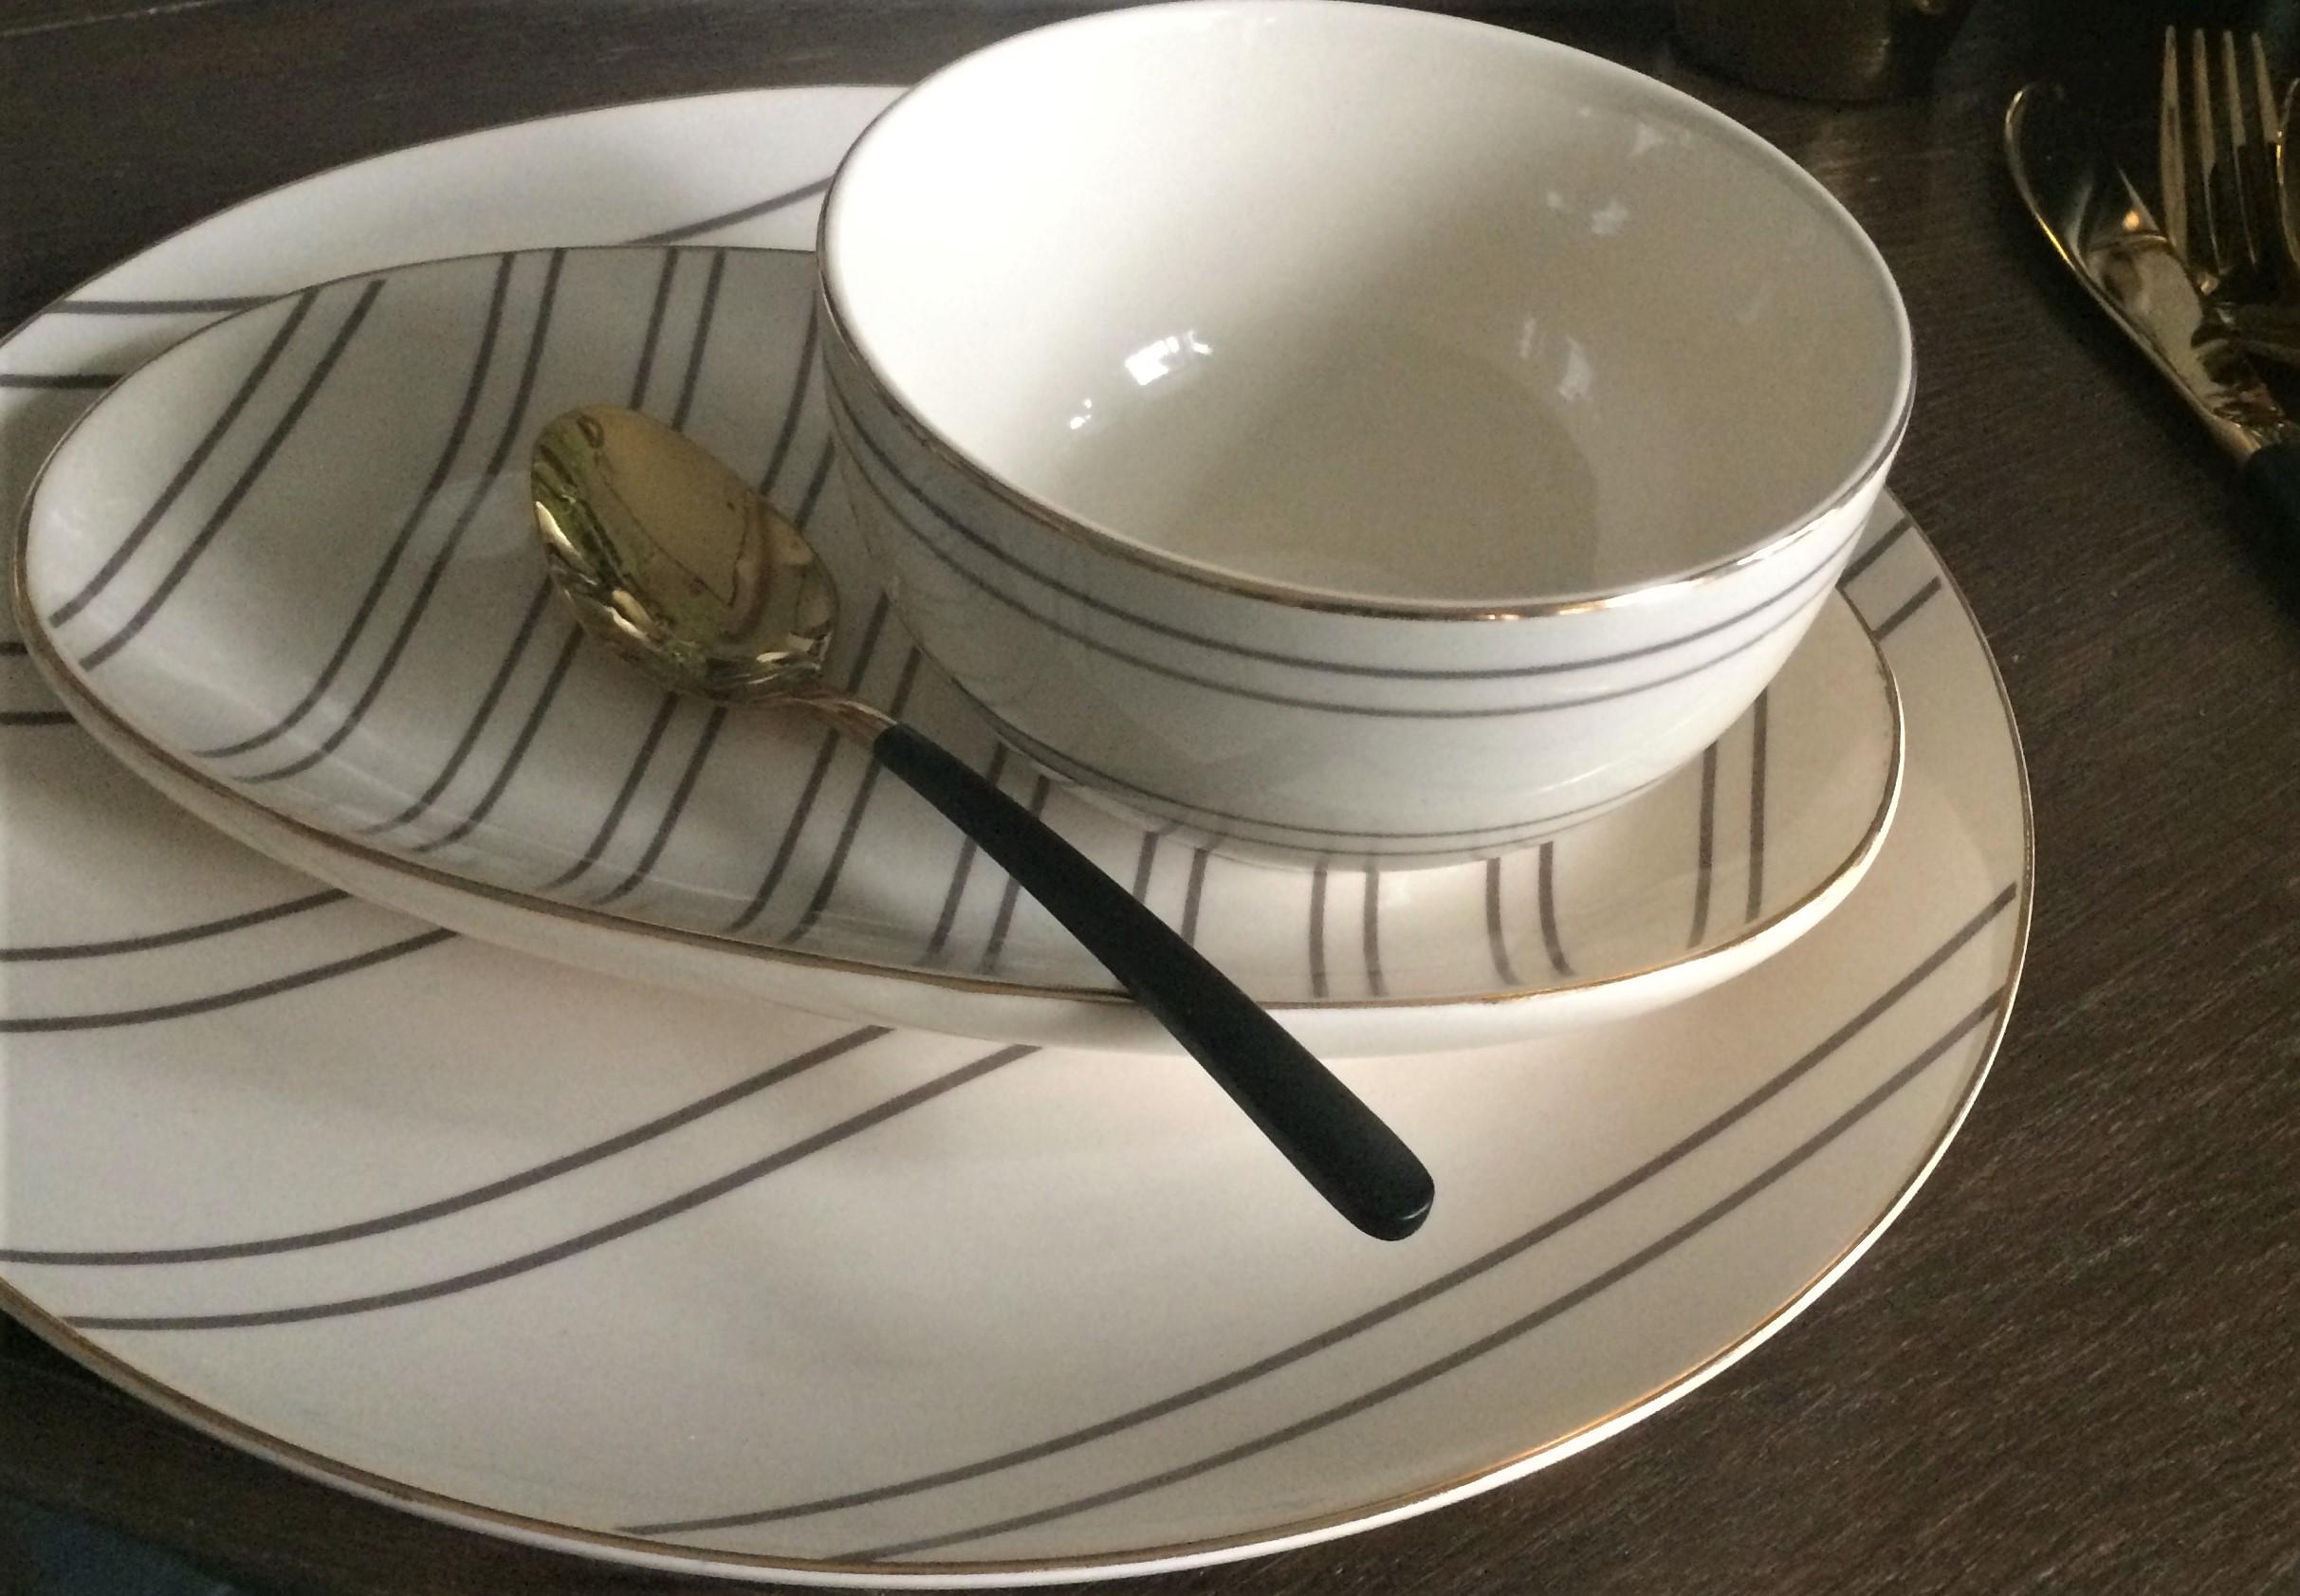 Nützlichküchenaccessoires - Bloomingville Schüssel Schale Ava natur mit Goldrand 115cm - Onlineshop Tante Emmer